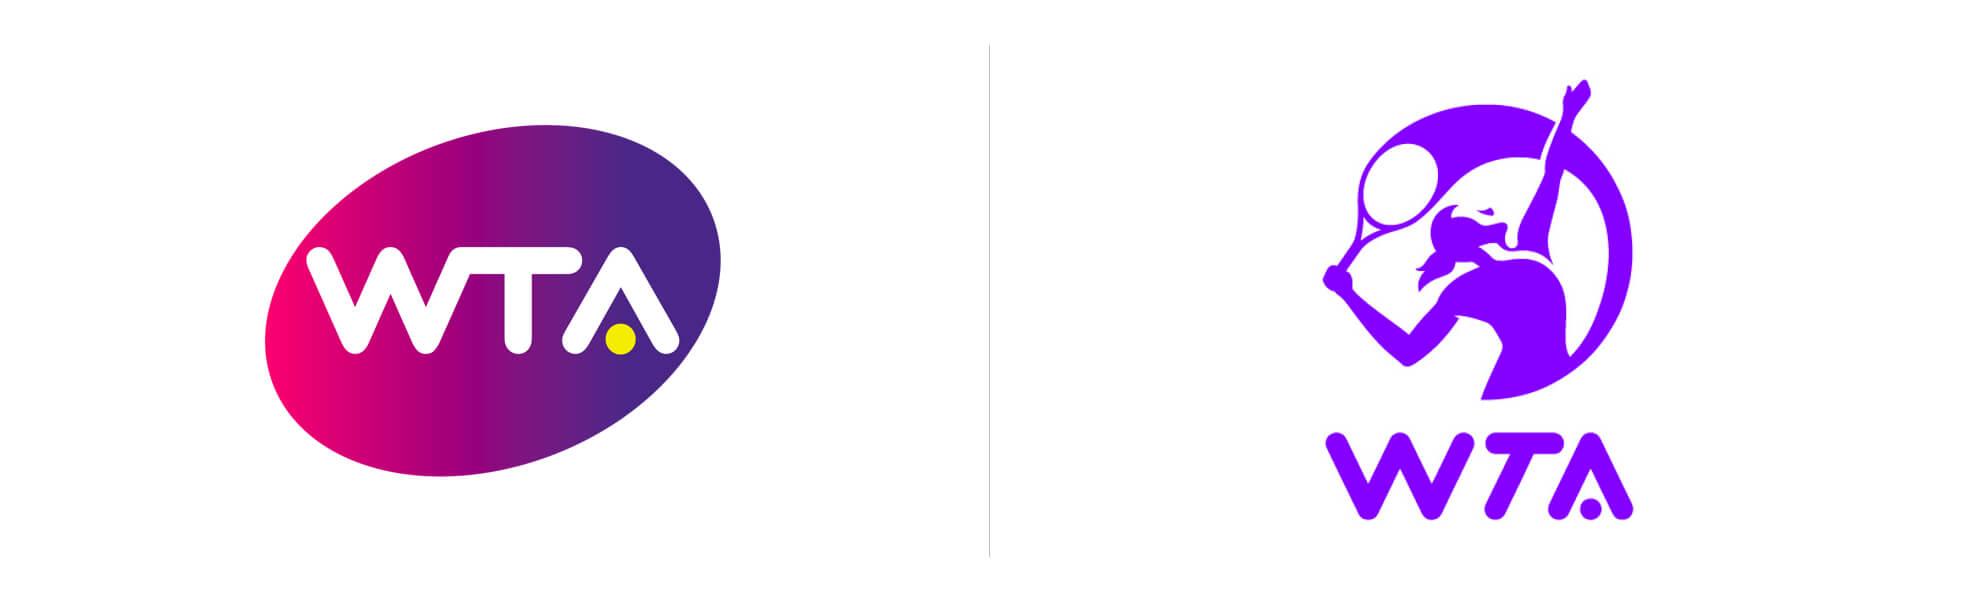 Rebranding WTA